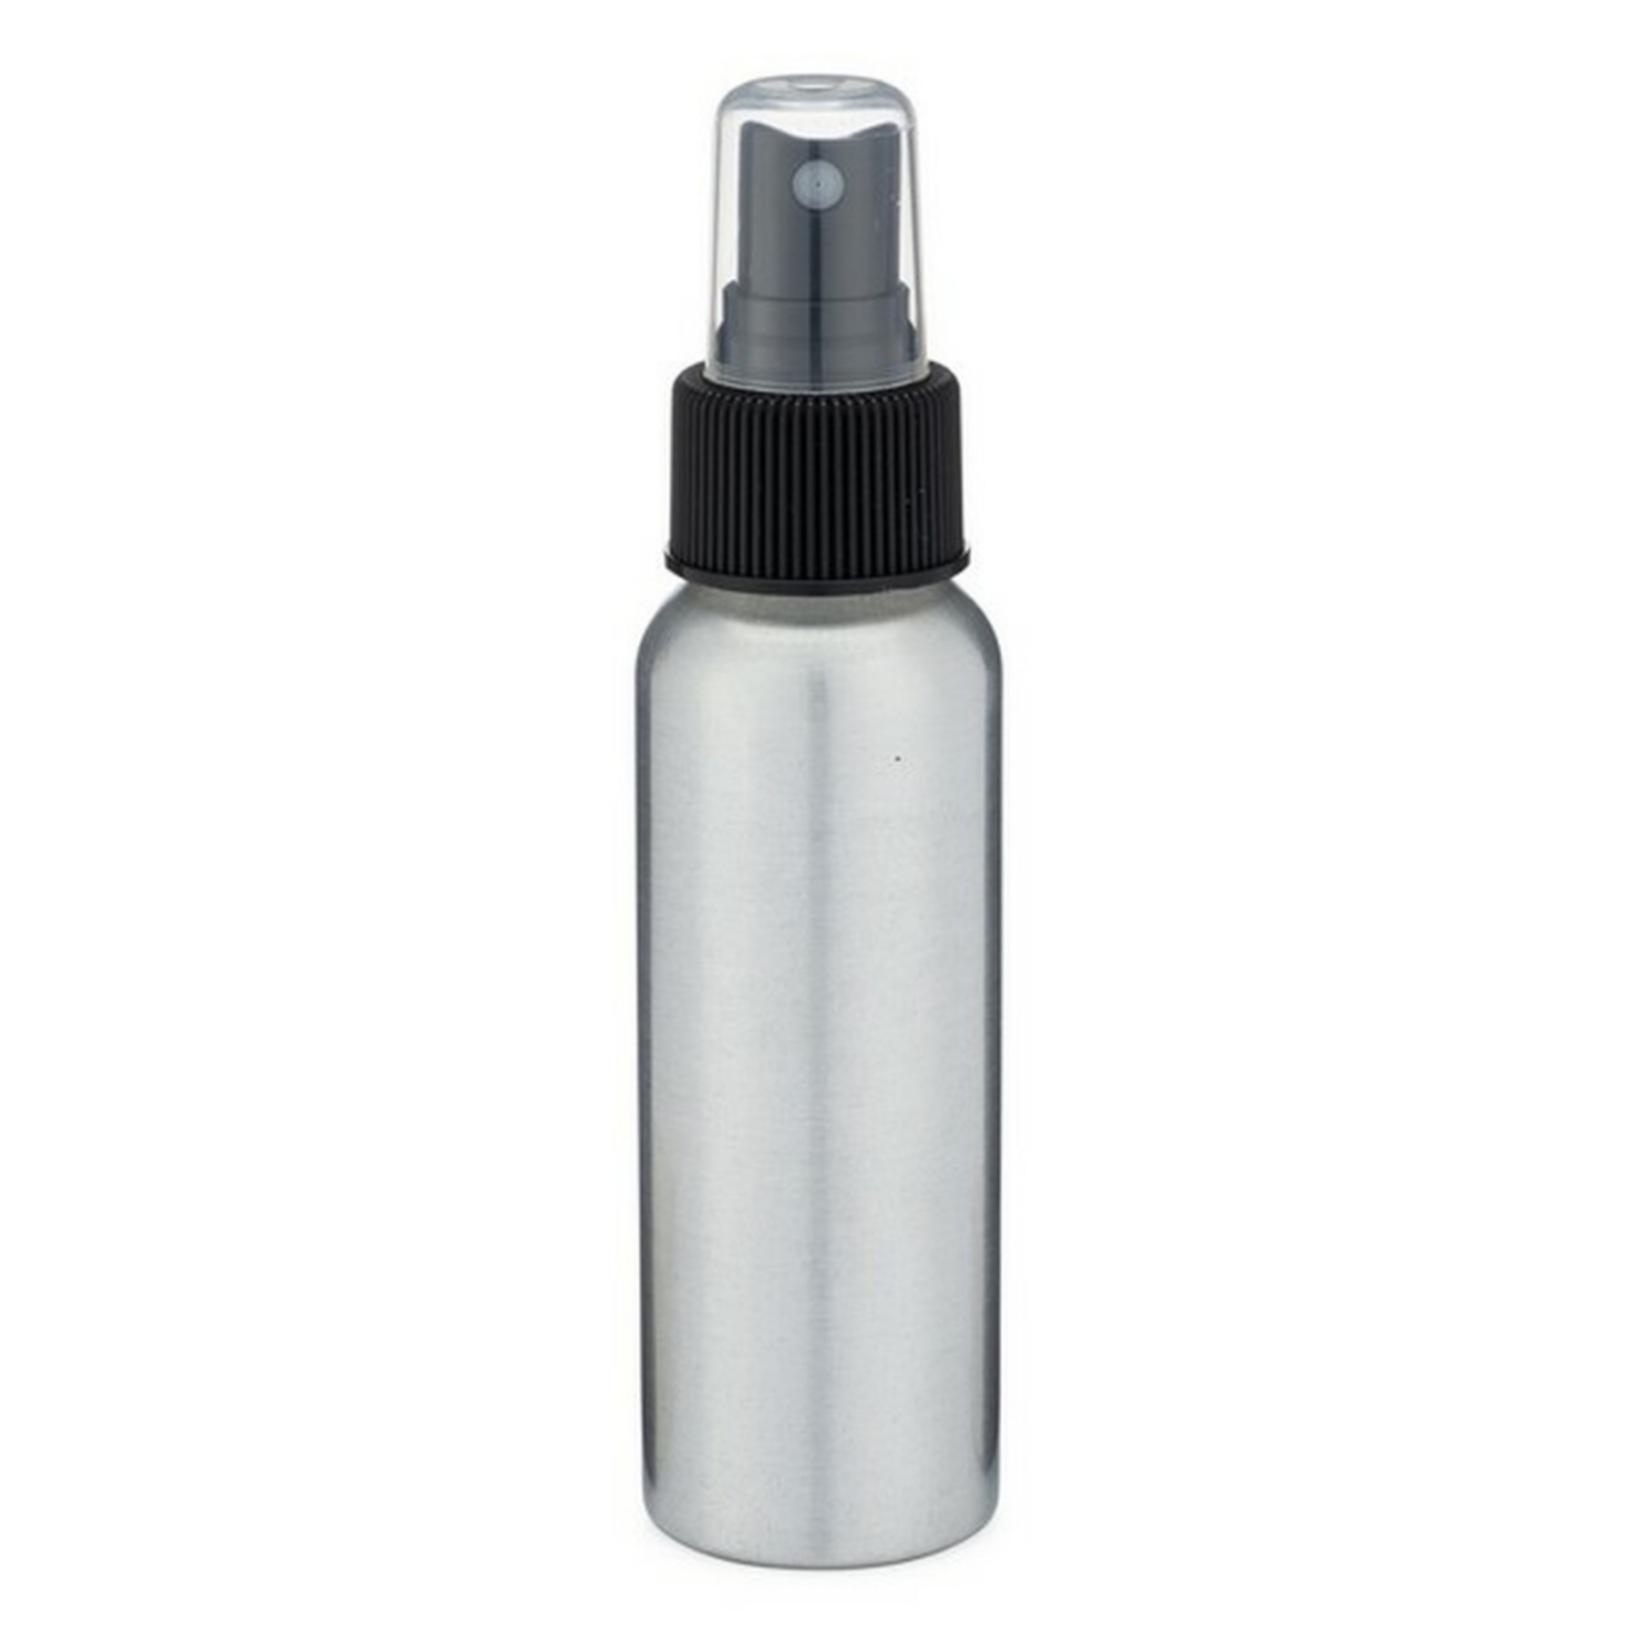 JKC Aluminum Spray Bottle